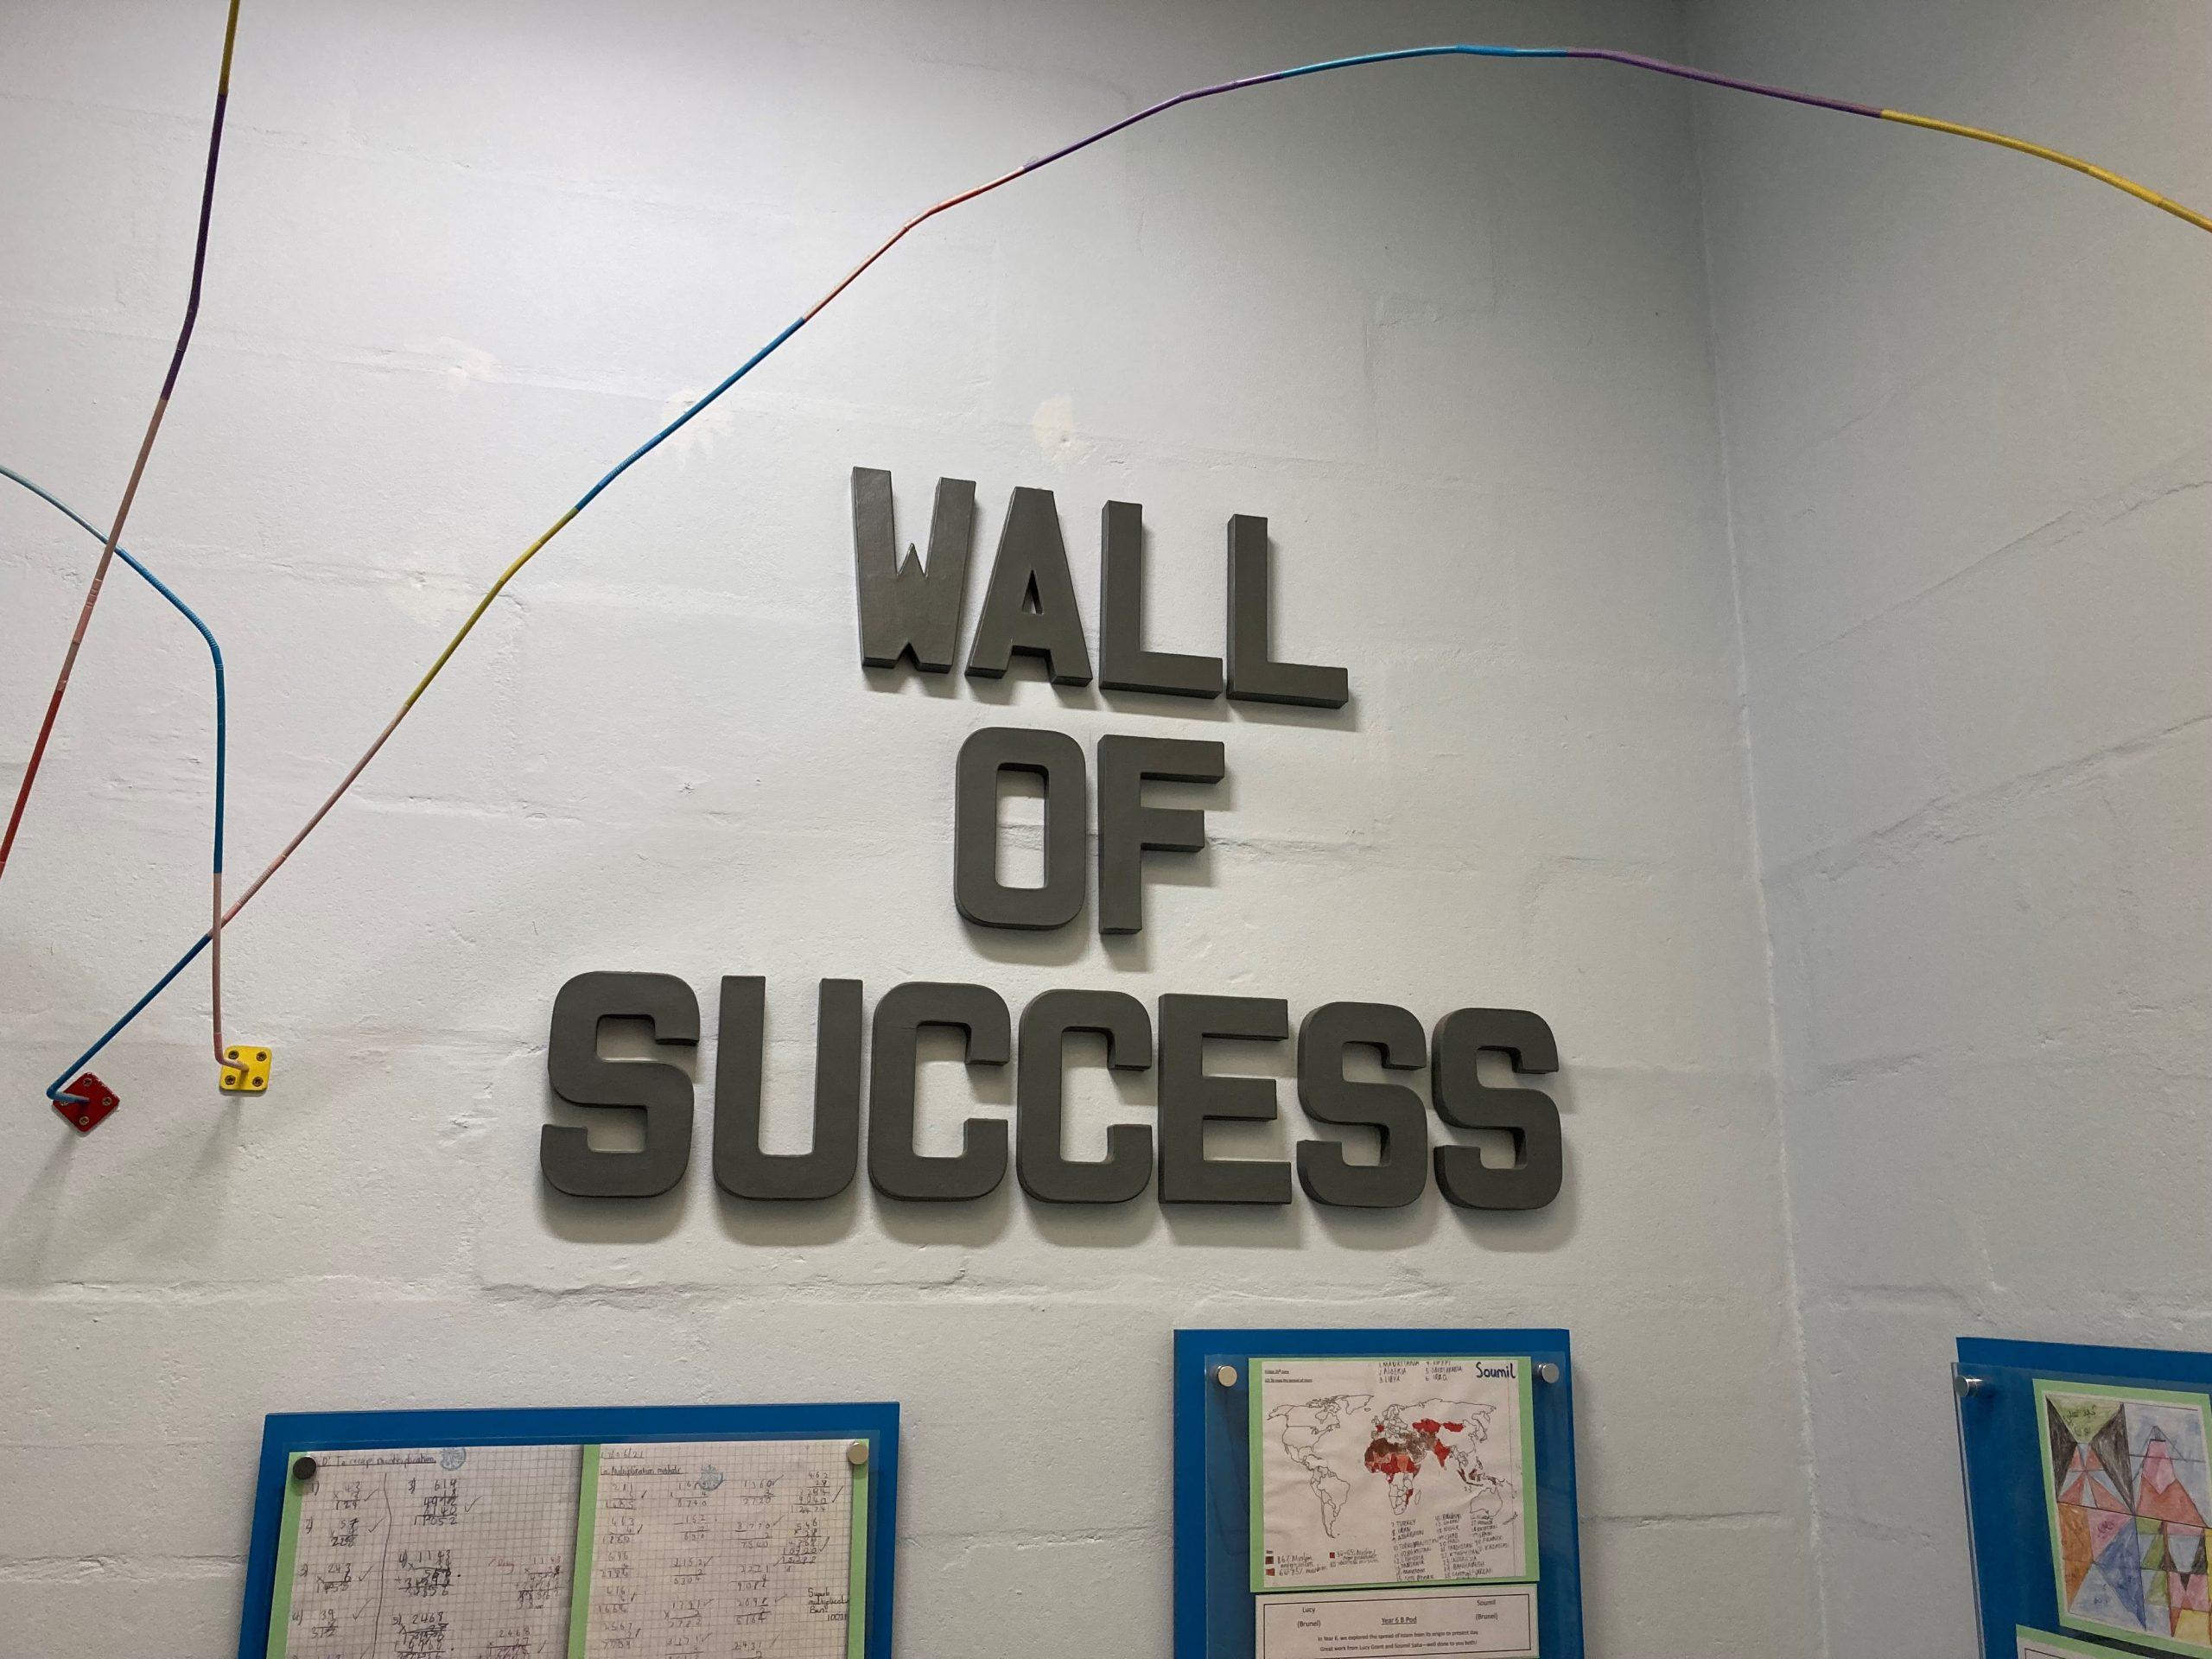 Wall Of Success June 2021